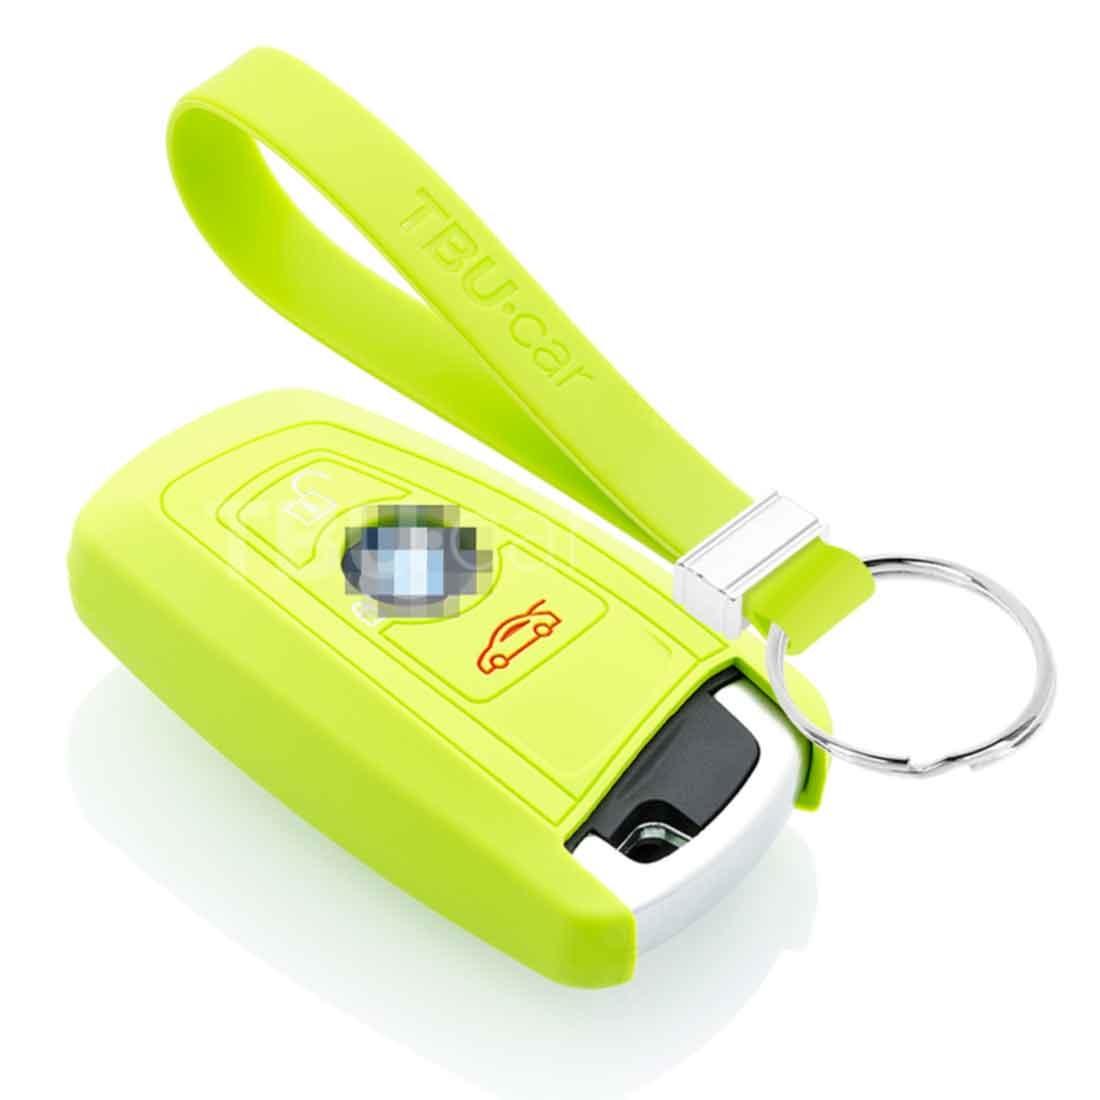 TBU car TBU car Autoschlüssel Hülle kompatibel mit BMW 3 Tasten (Keyless Entry) - Schutzhülle aus Silikon - Auto Schlüsselhülle Cover in Lindgrün